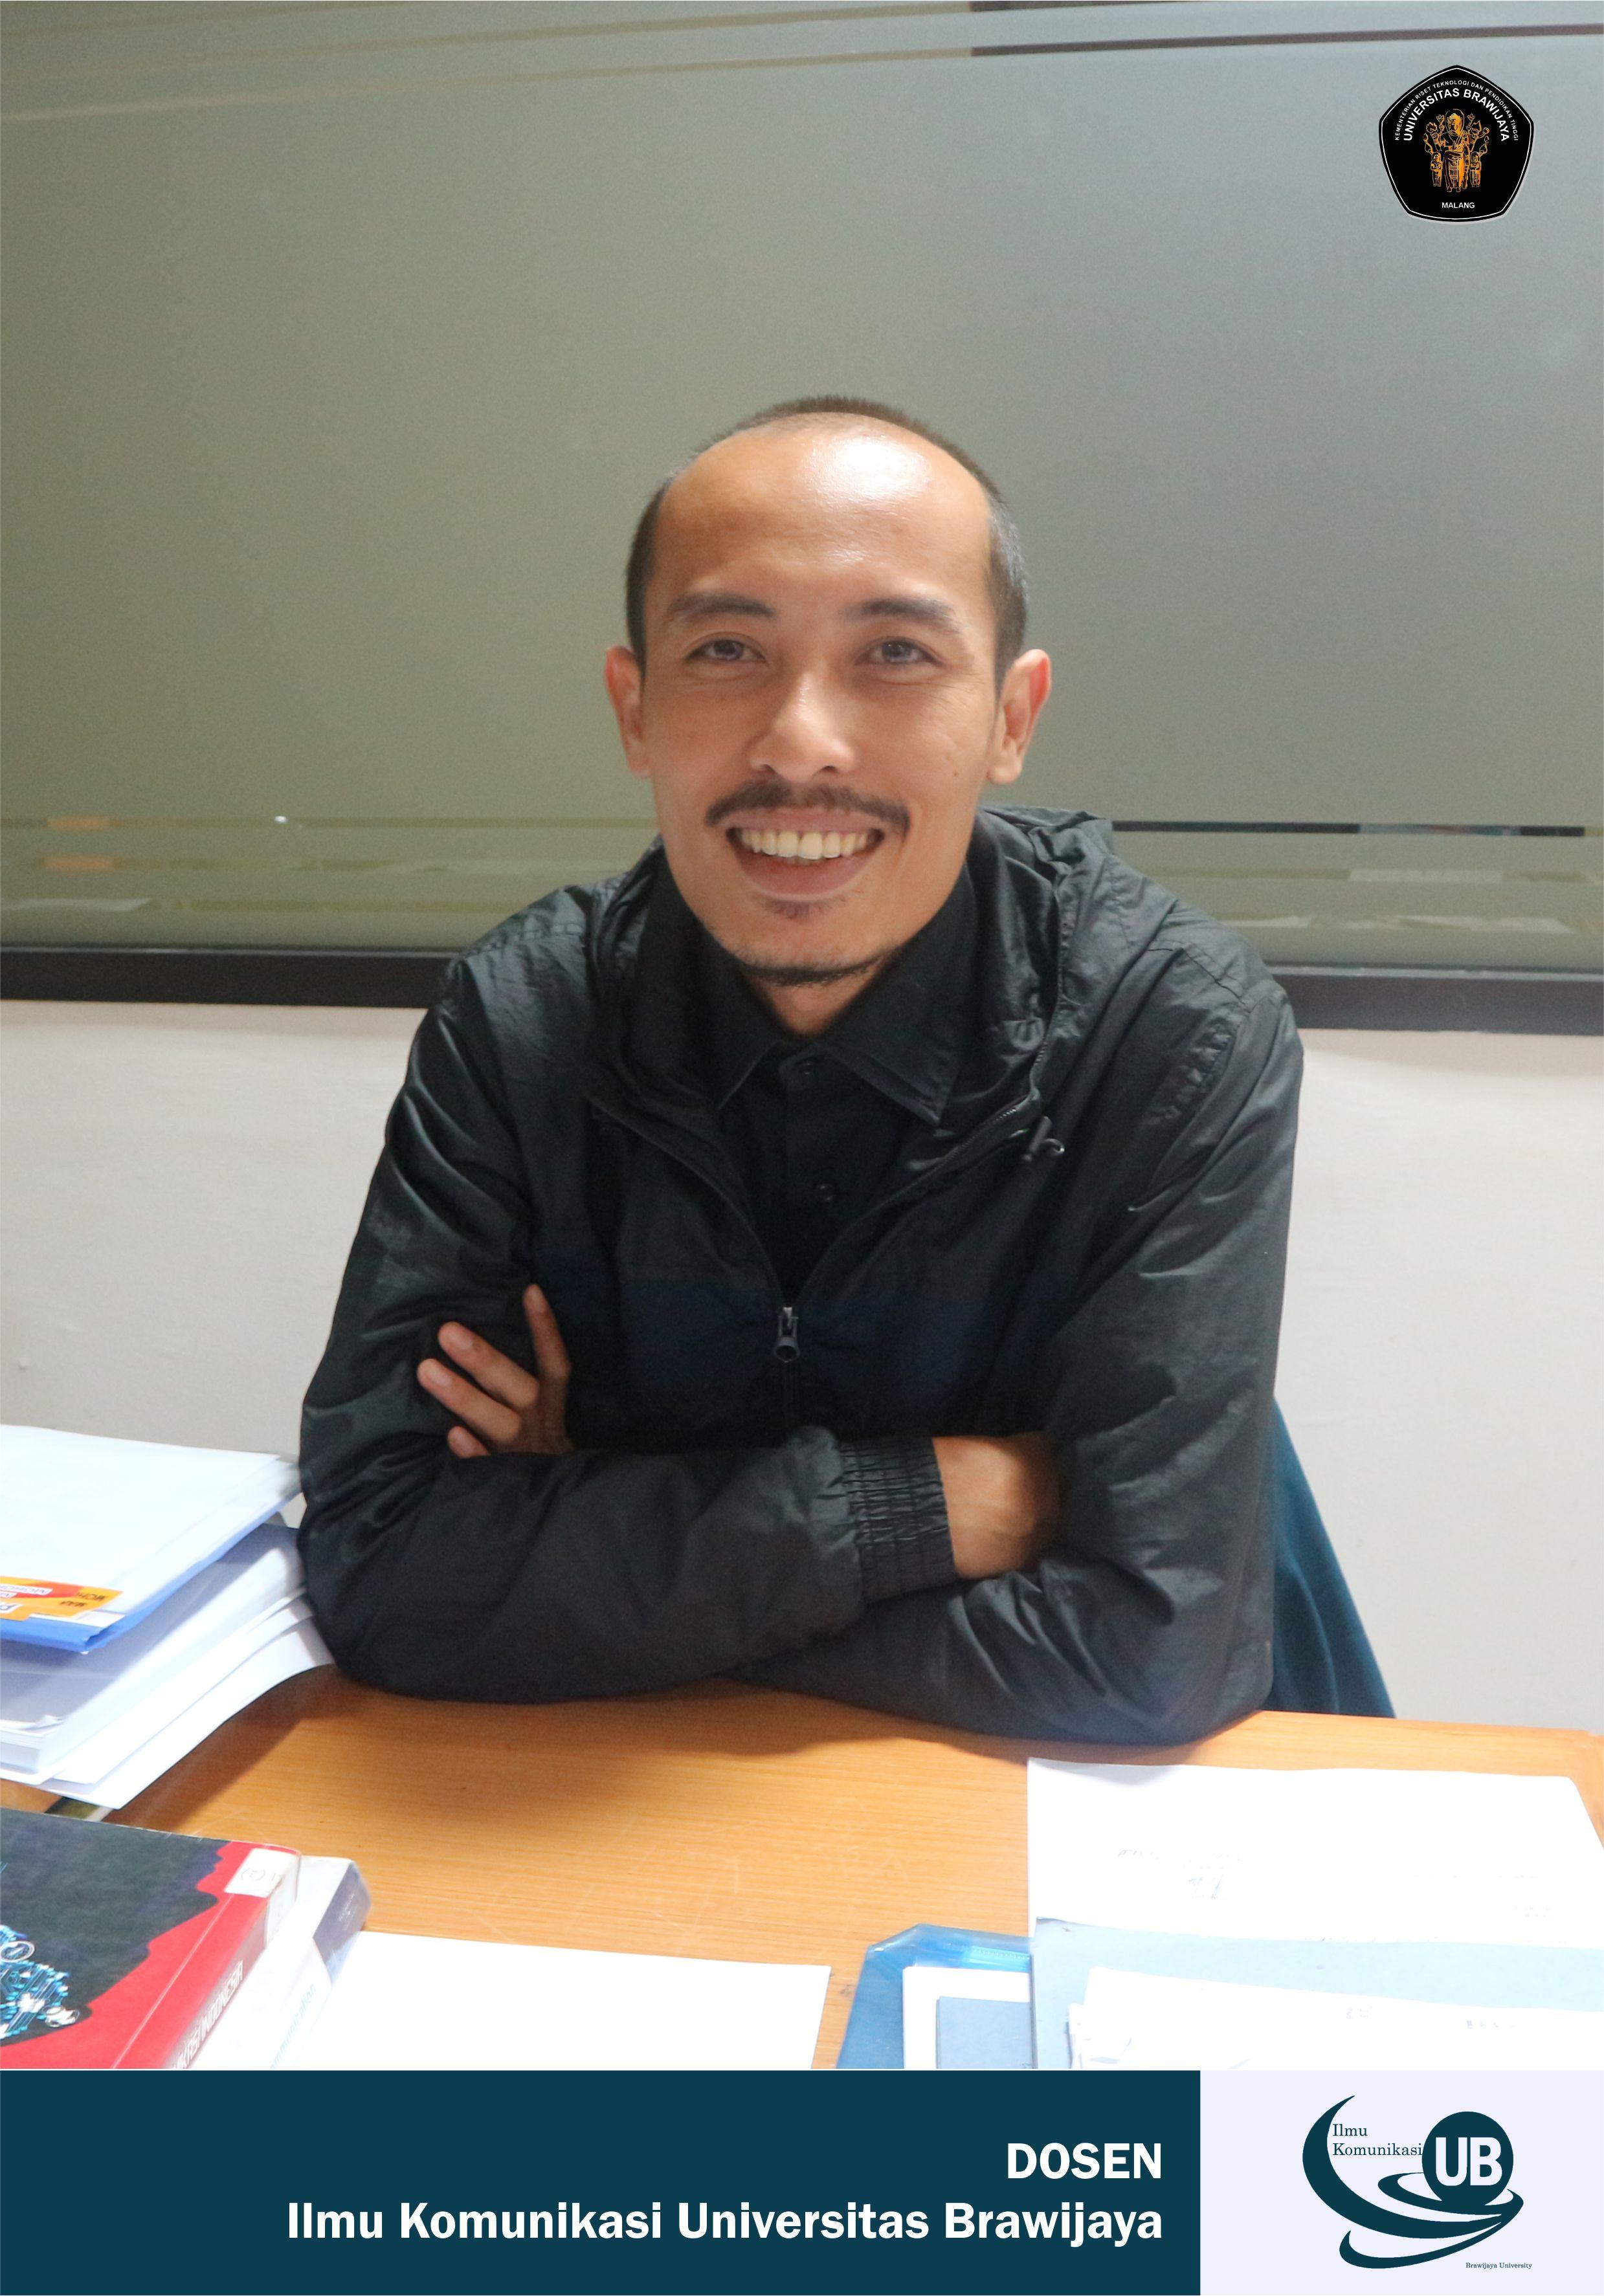 Abdul Wahid, S.I.Kom, M.A